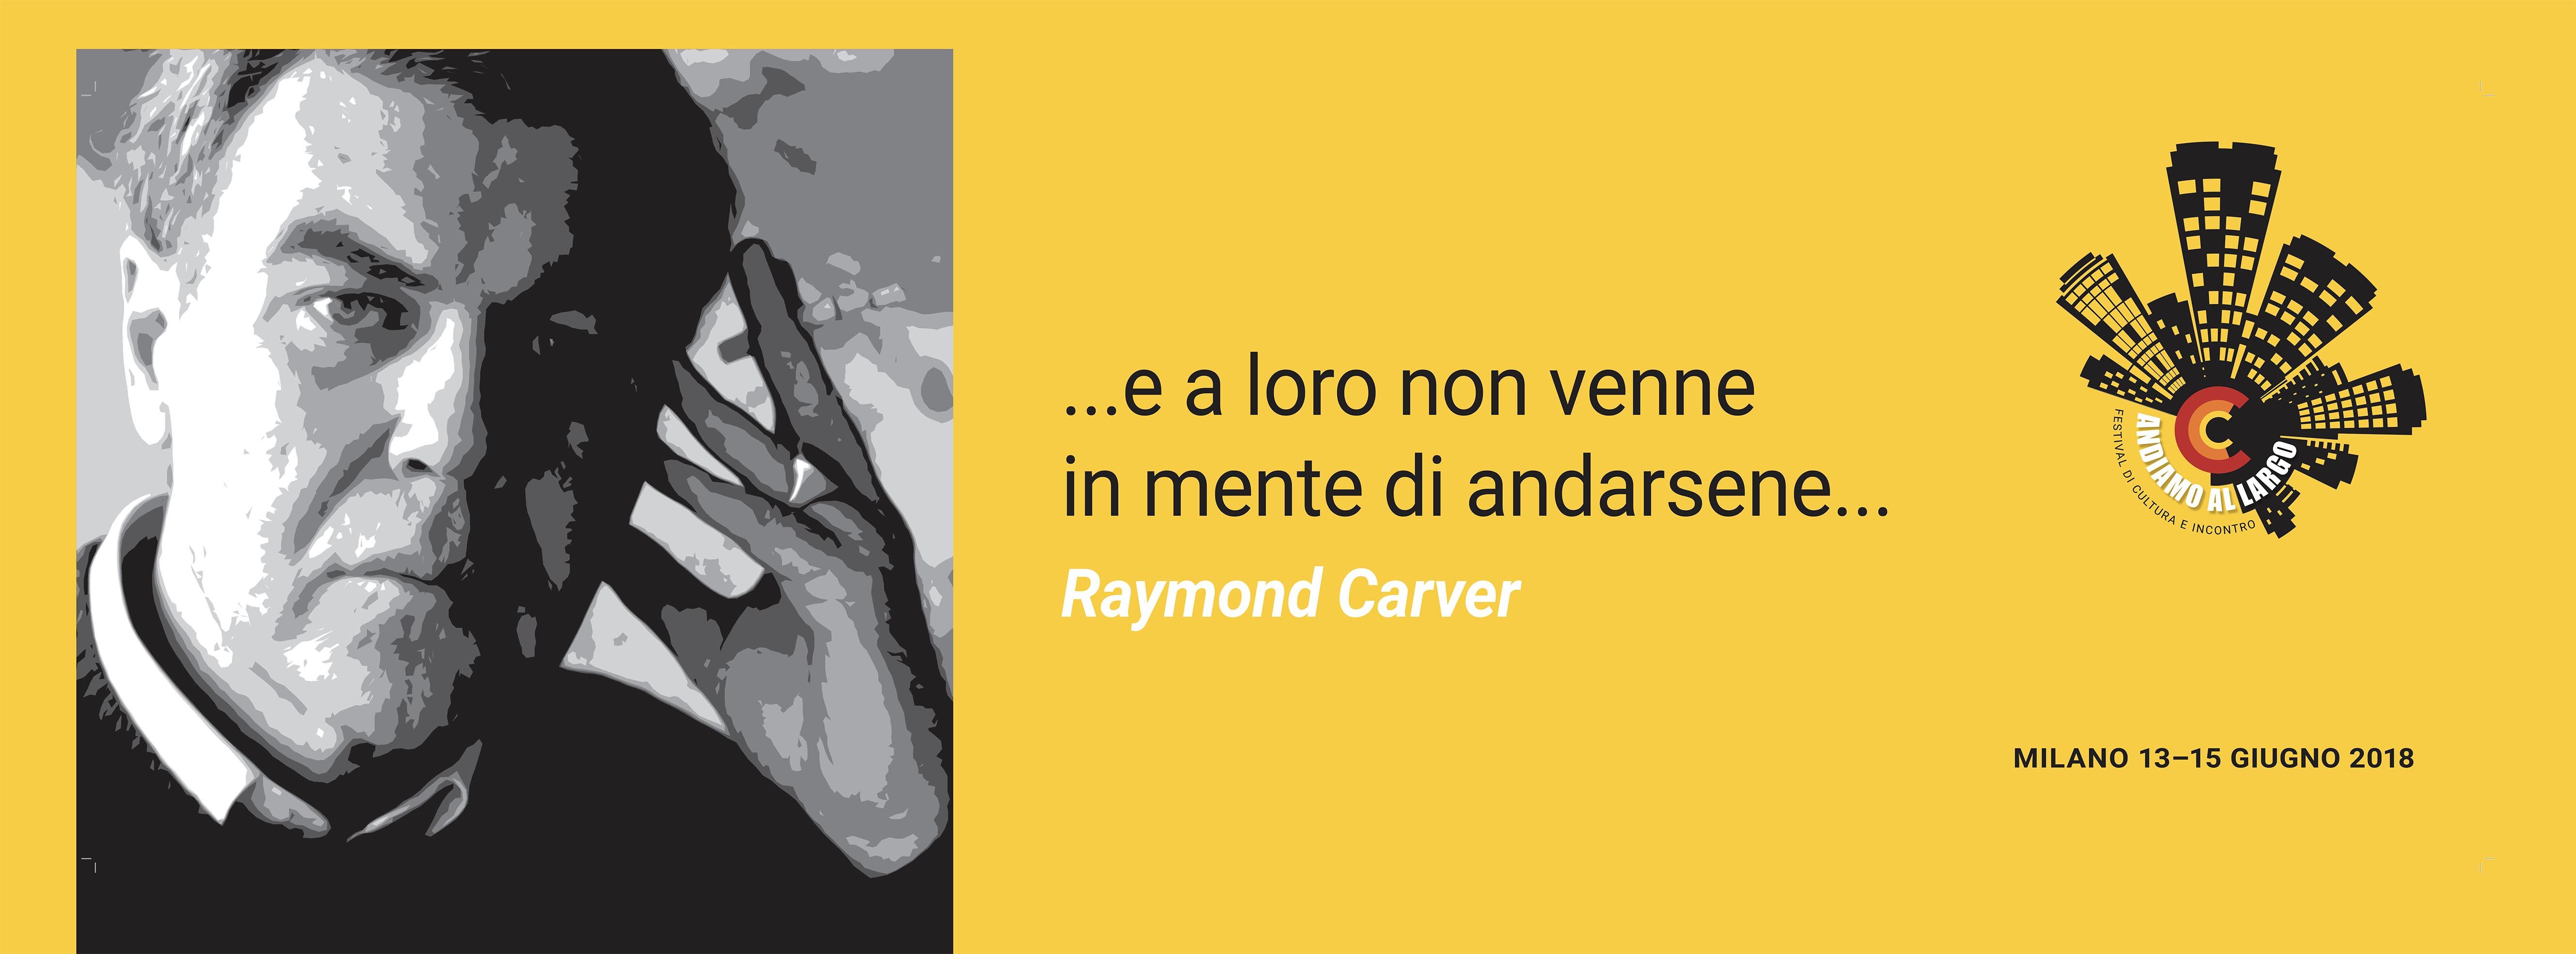 Carver formato 125x40_tipo B4